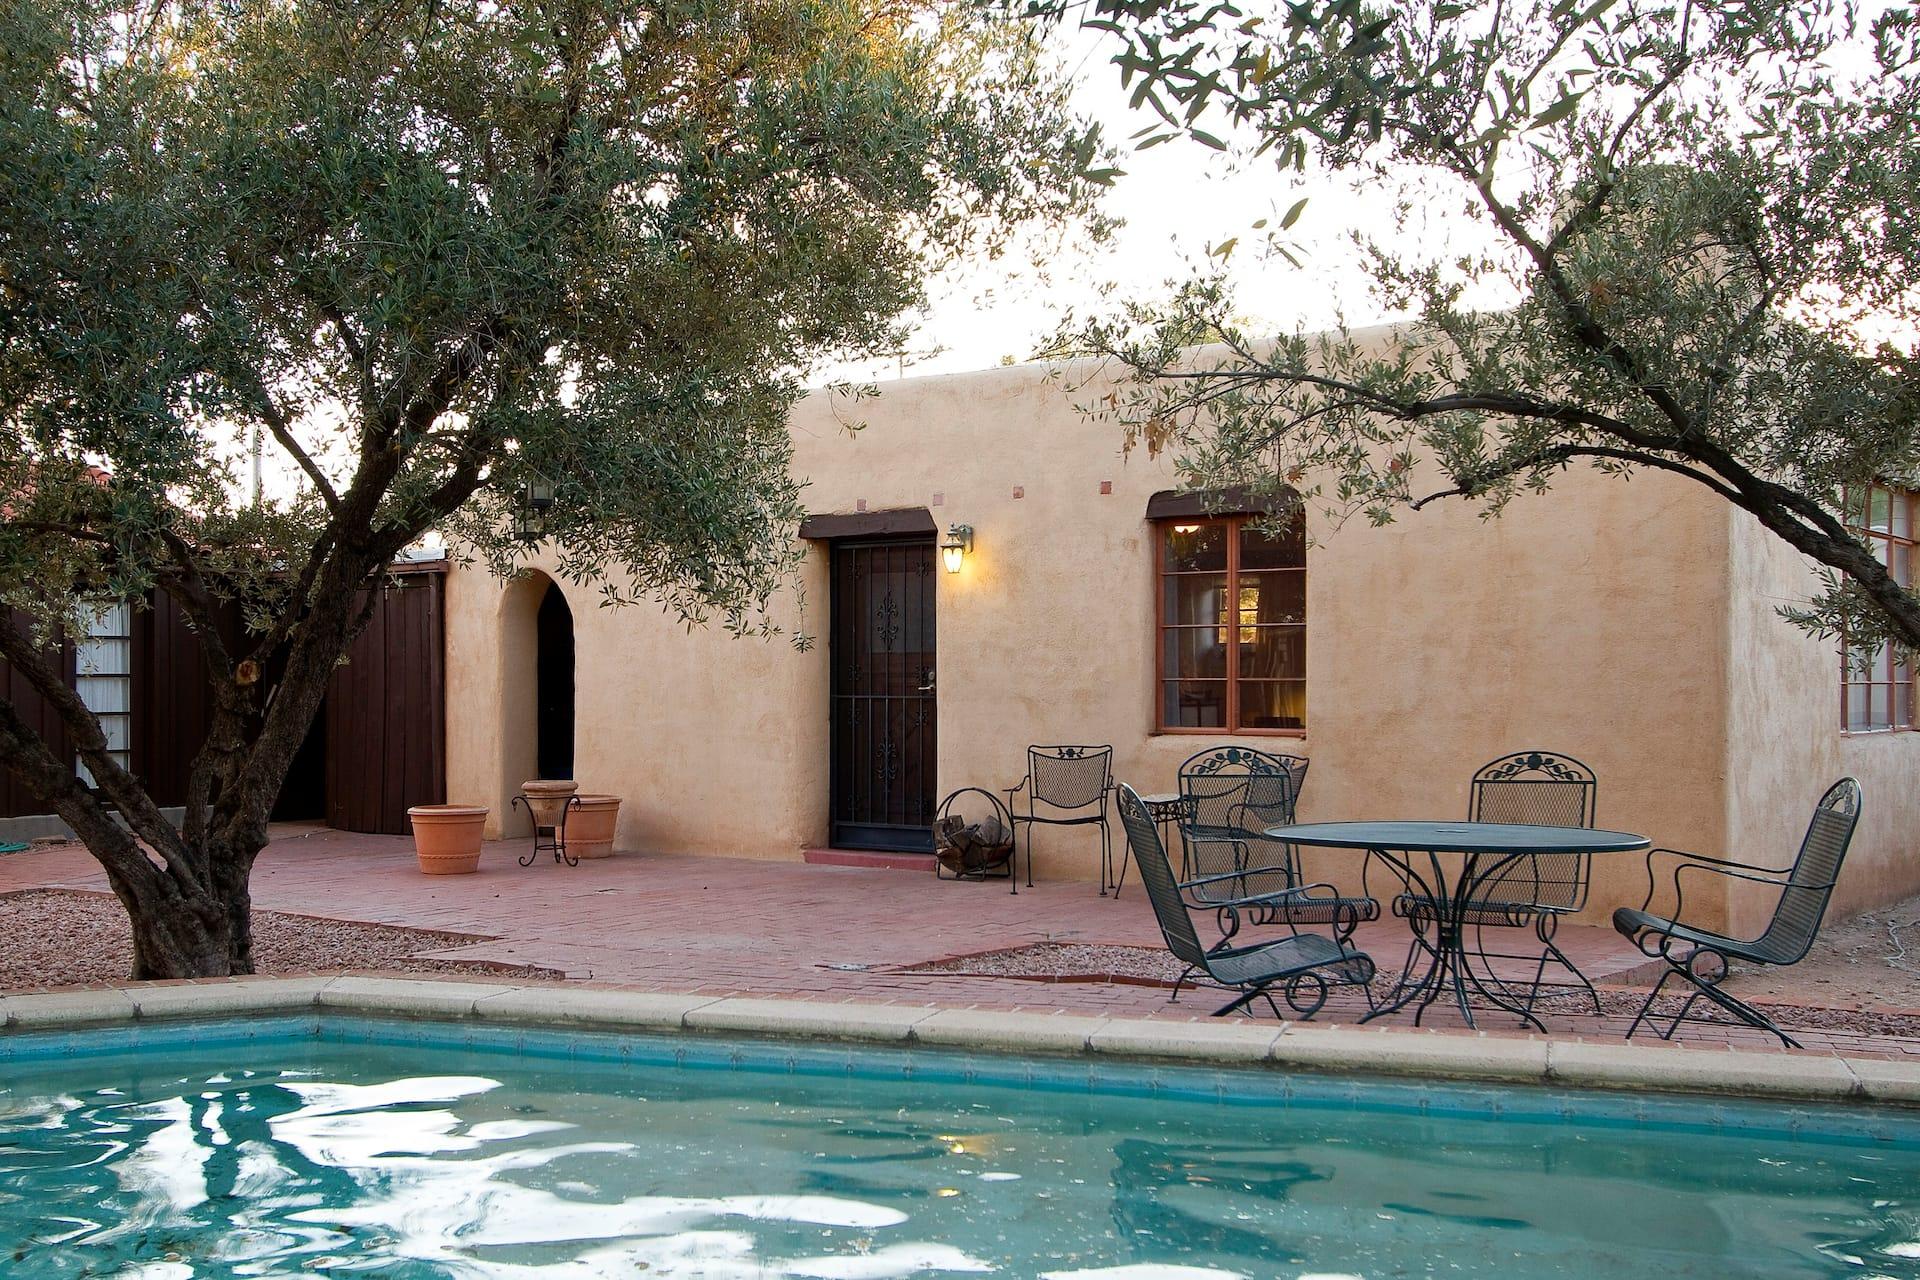 the Tucson Poet's Studio Airbnb in Arizona